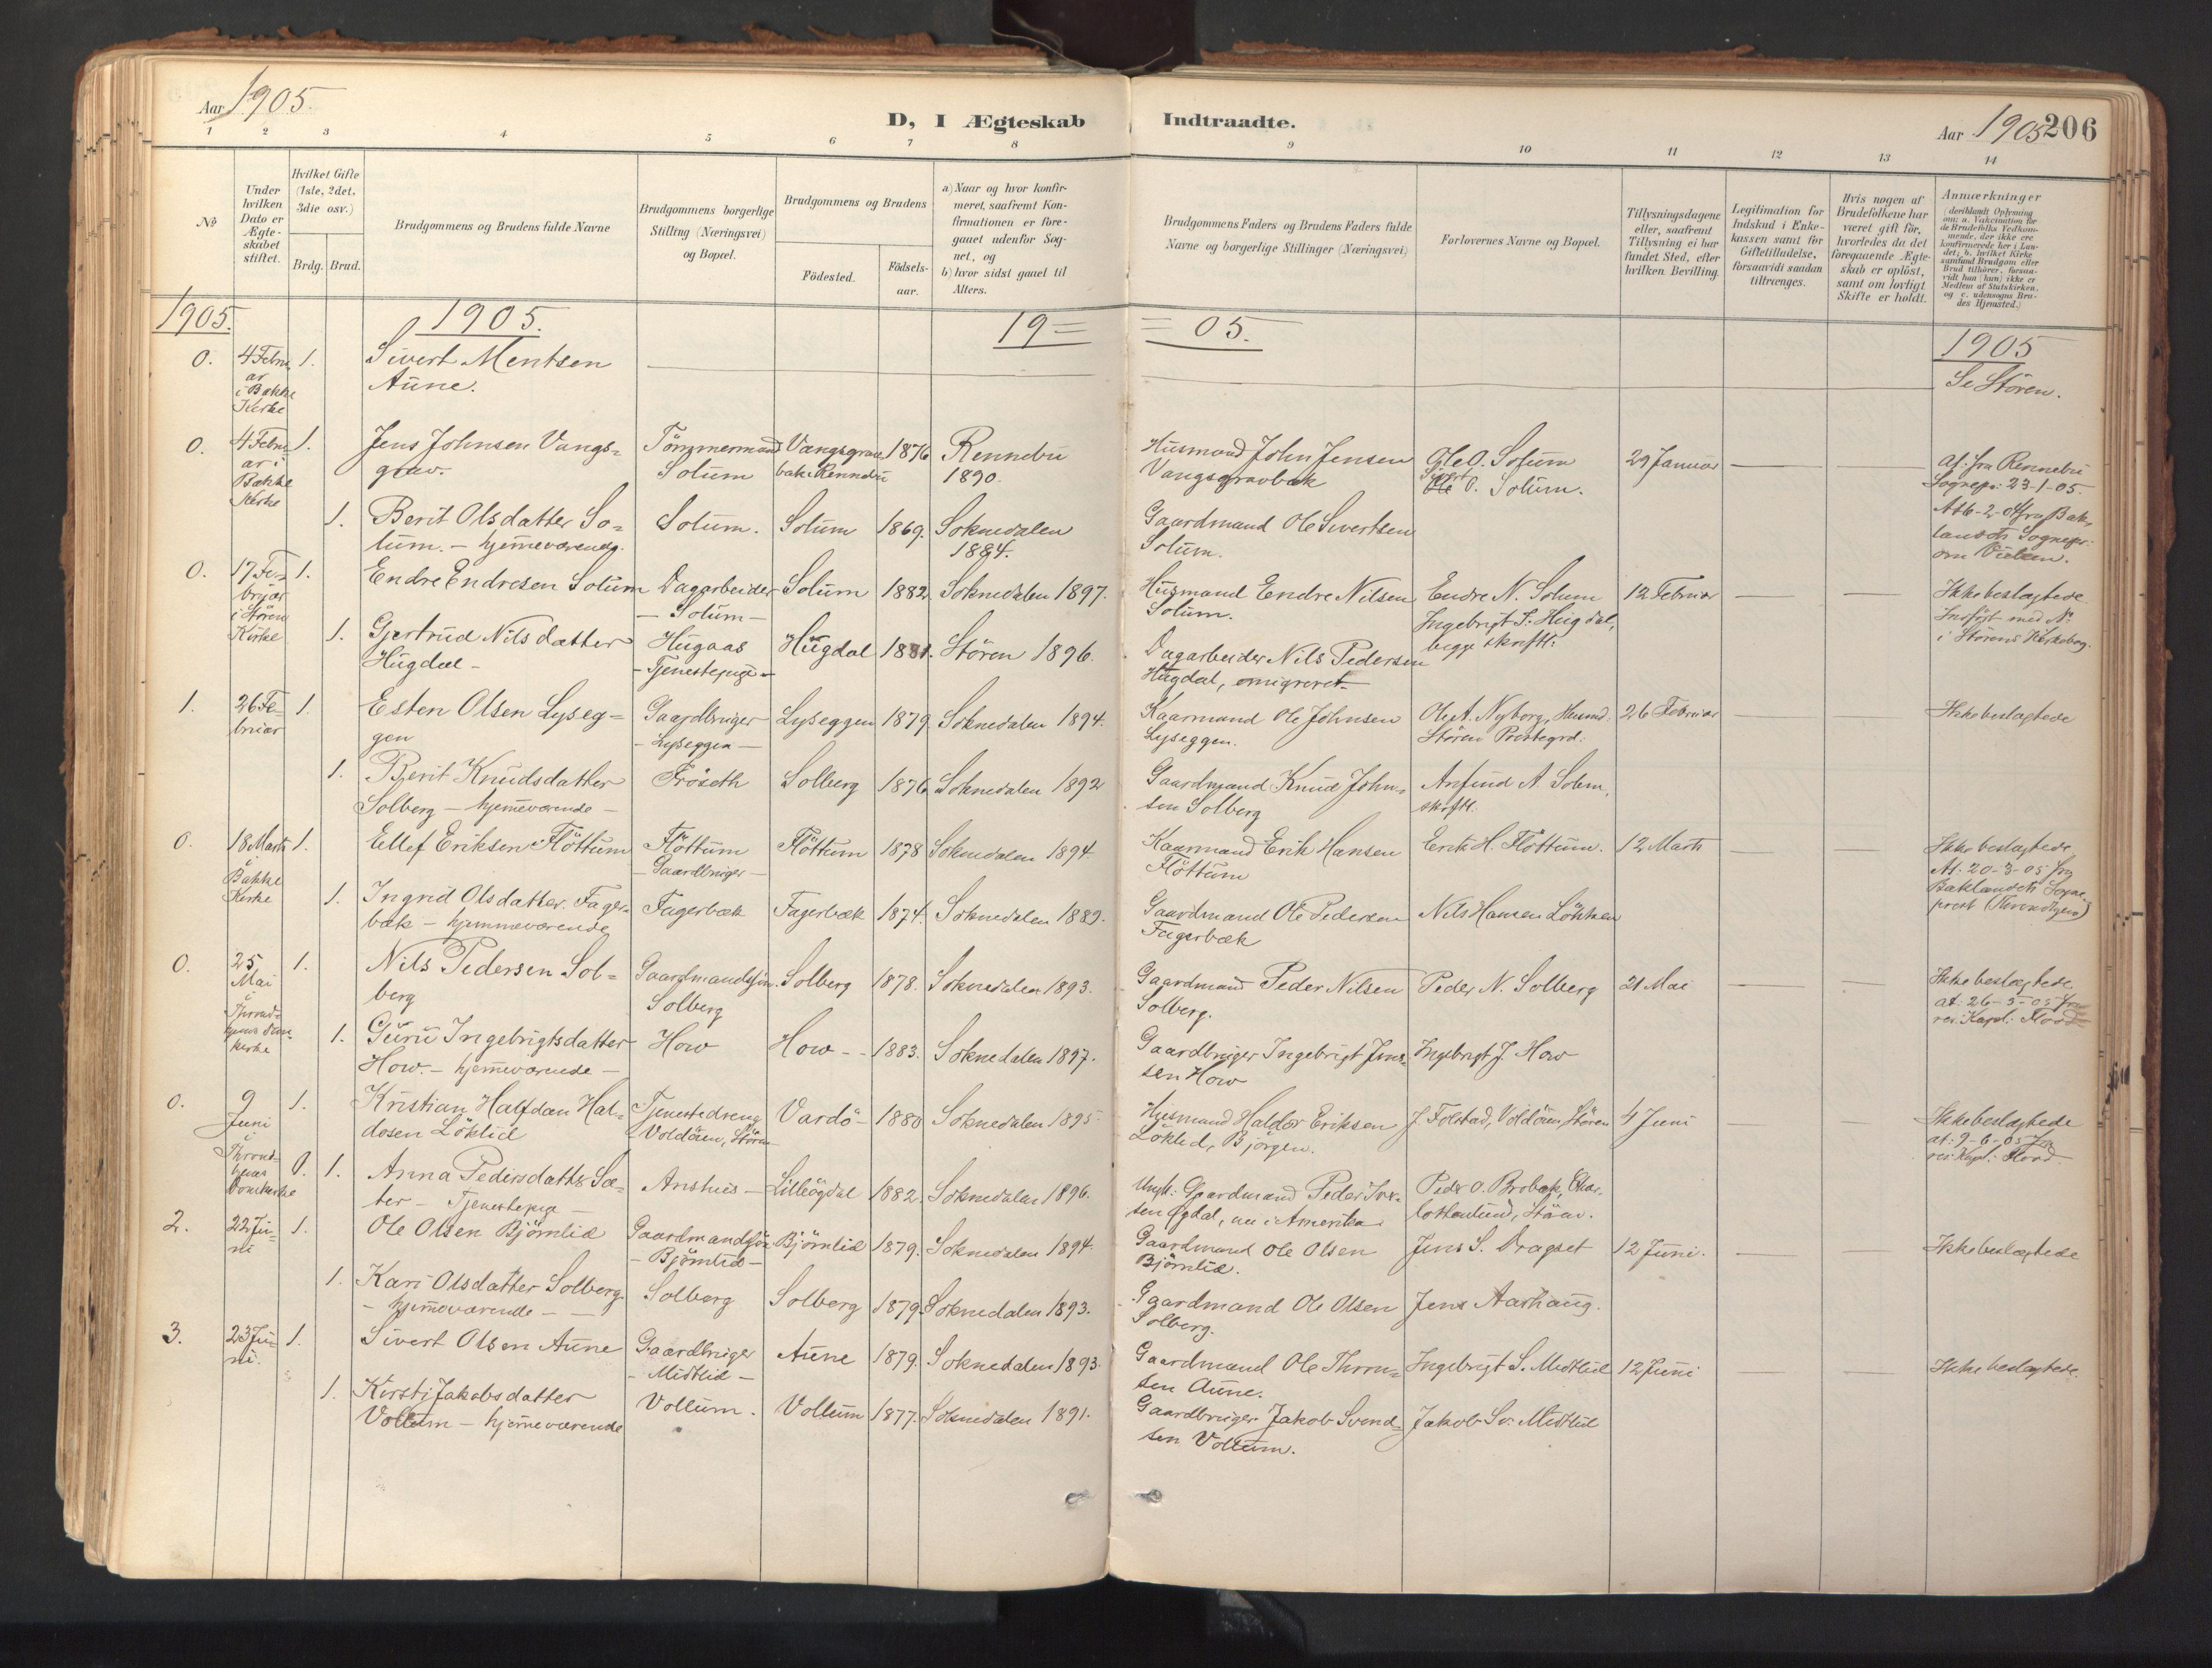 SAT, Ministerialprotokoller, klokkerbøker og fødselsregistre - Sør-Trøndelag, 689/L1041: Ministerialbok nr. 689A06, 1891-1923, s. 206